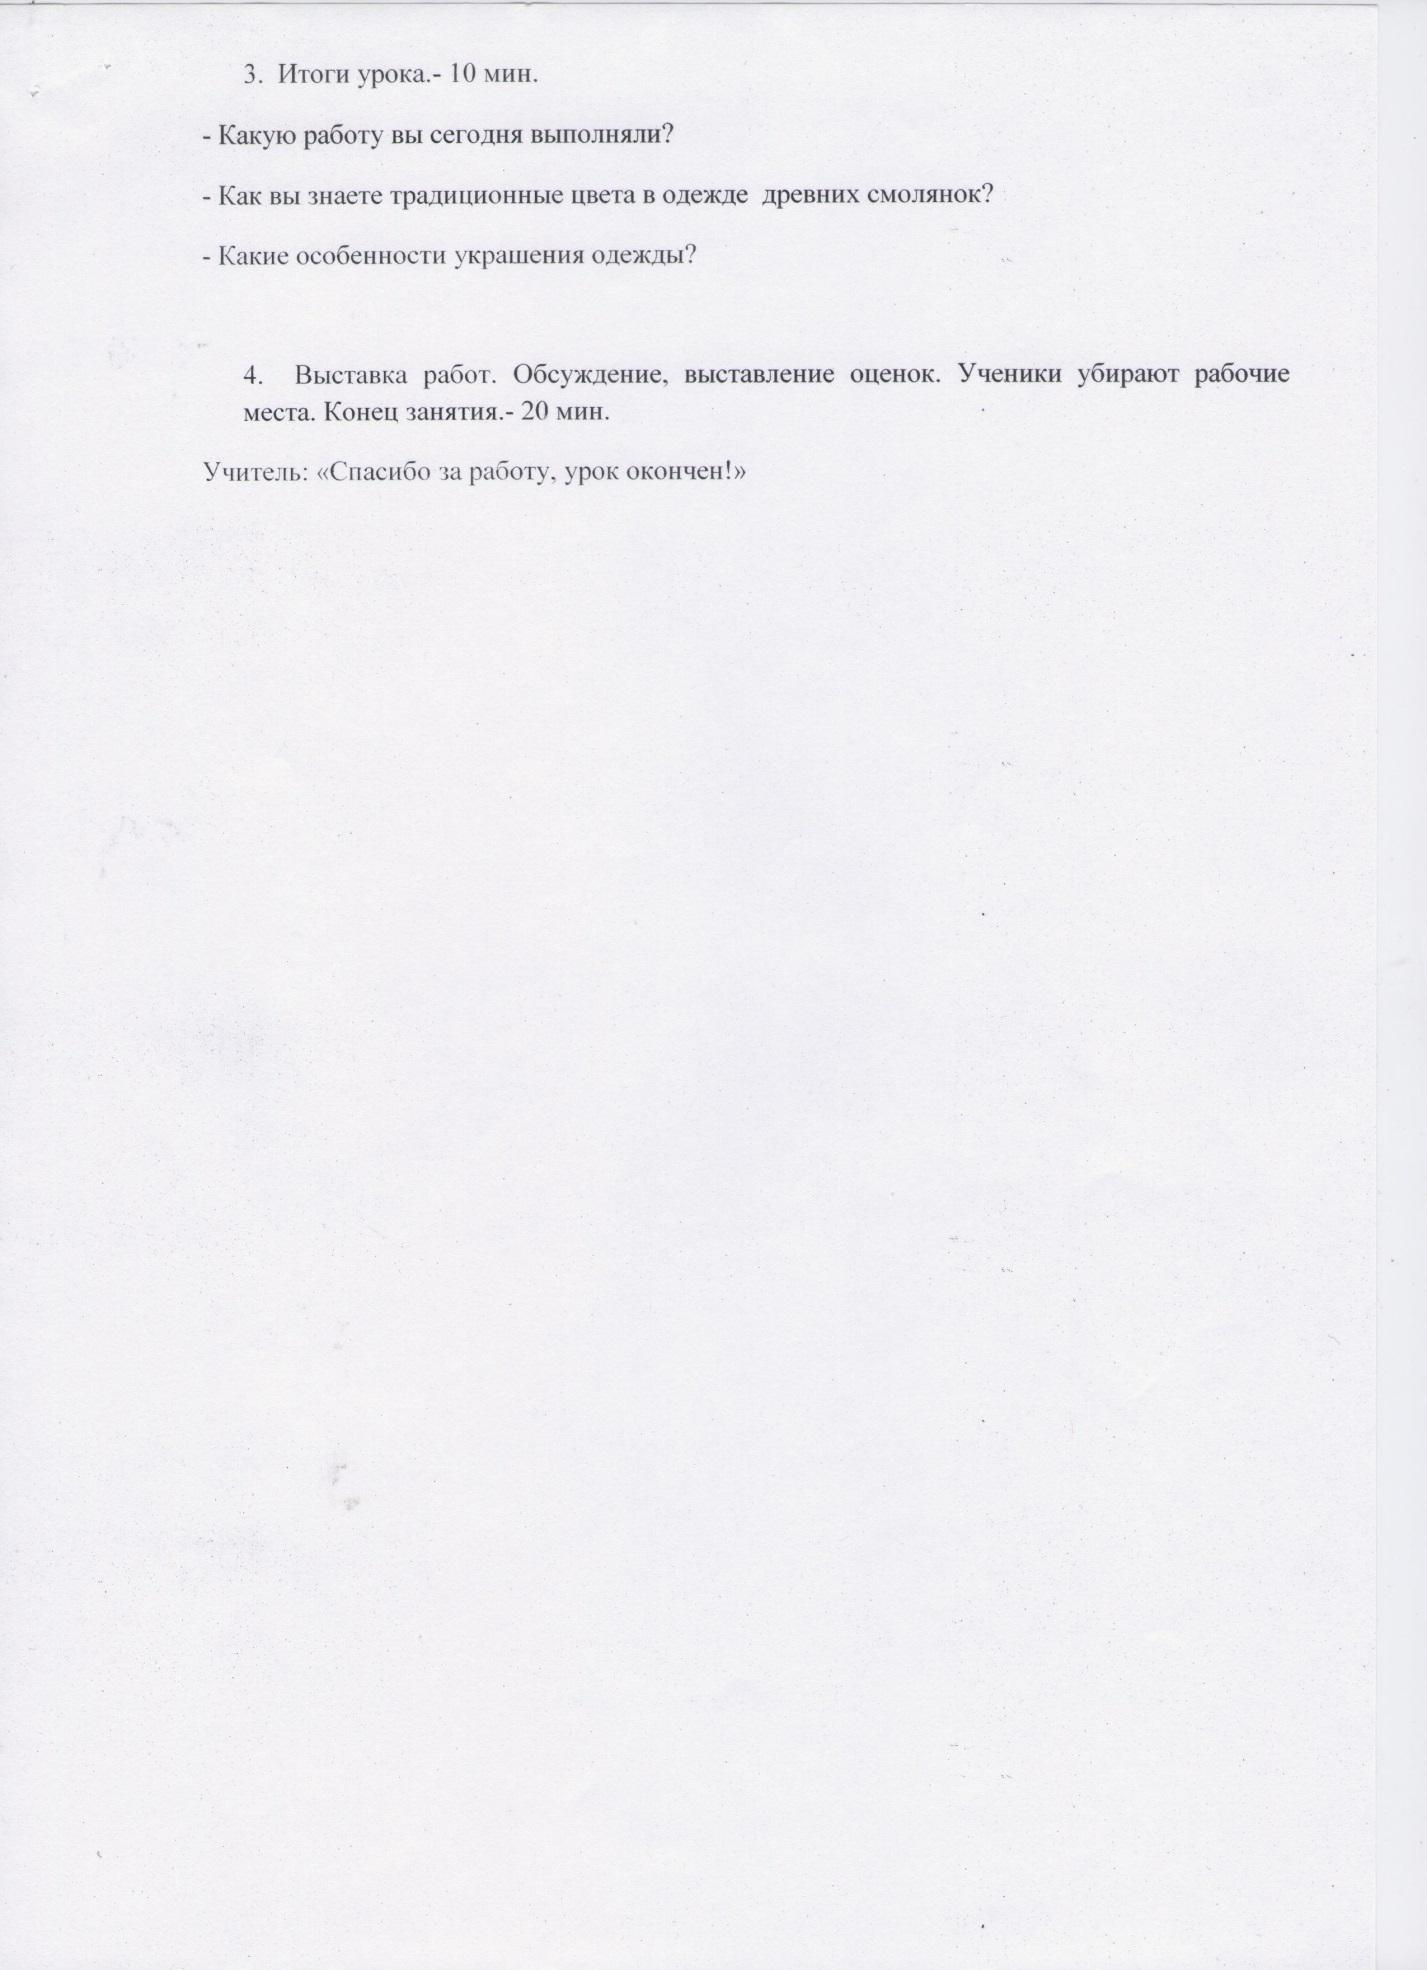 D:\с флешки\Методическая разработка\3. Занятие №1.jpg